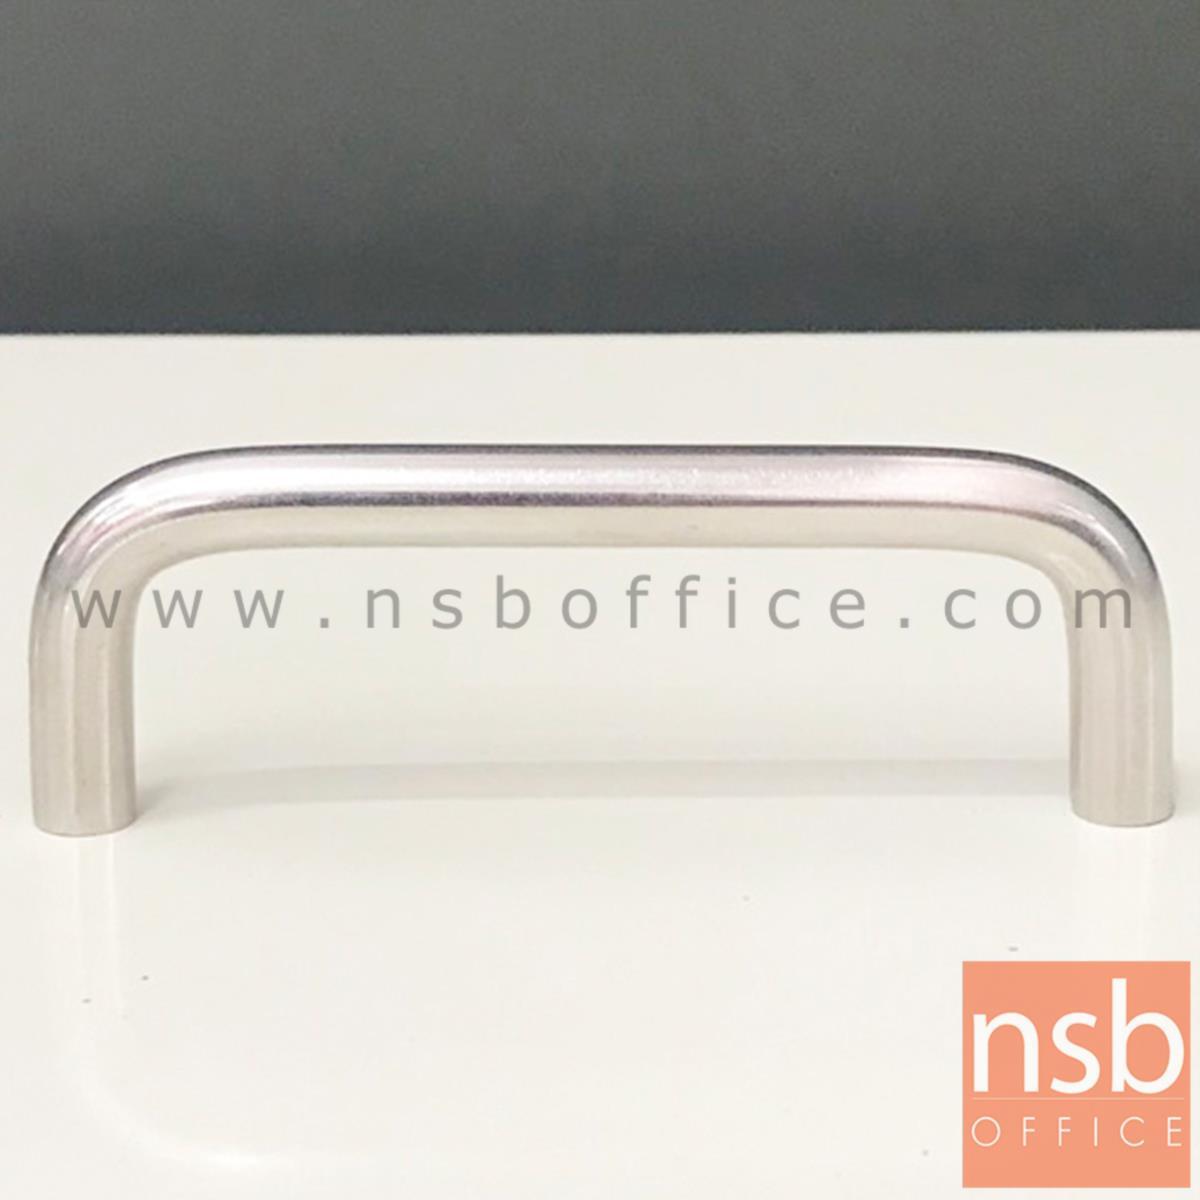 F10A004:มือจับตู้ สเตนเลสทรงตัวยู รุ่น NSB-HAND3  (ขนาด 96 mm)